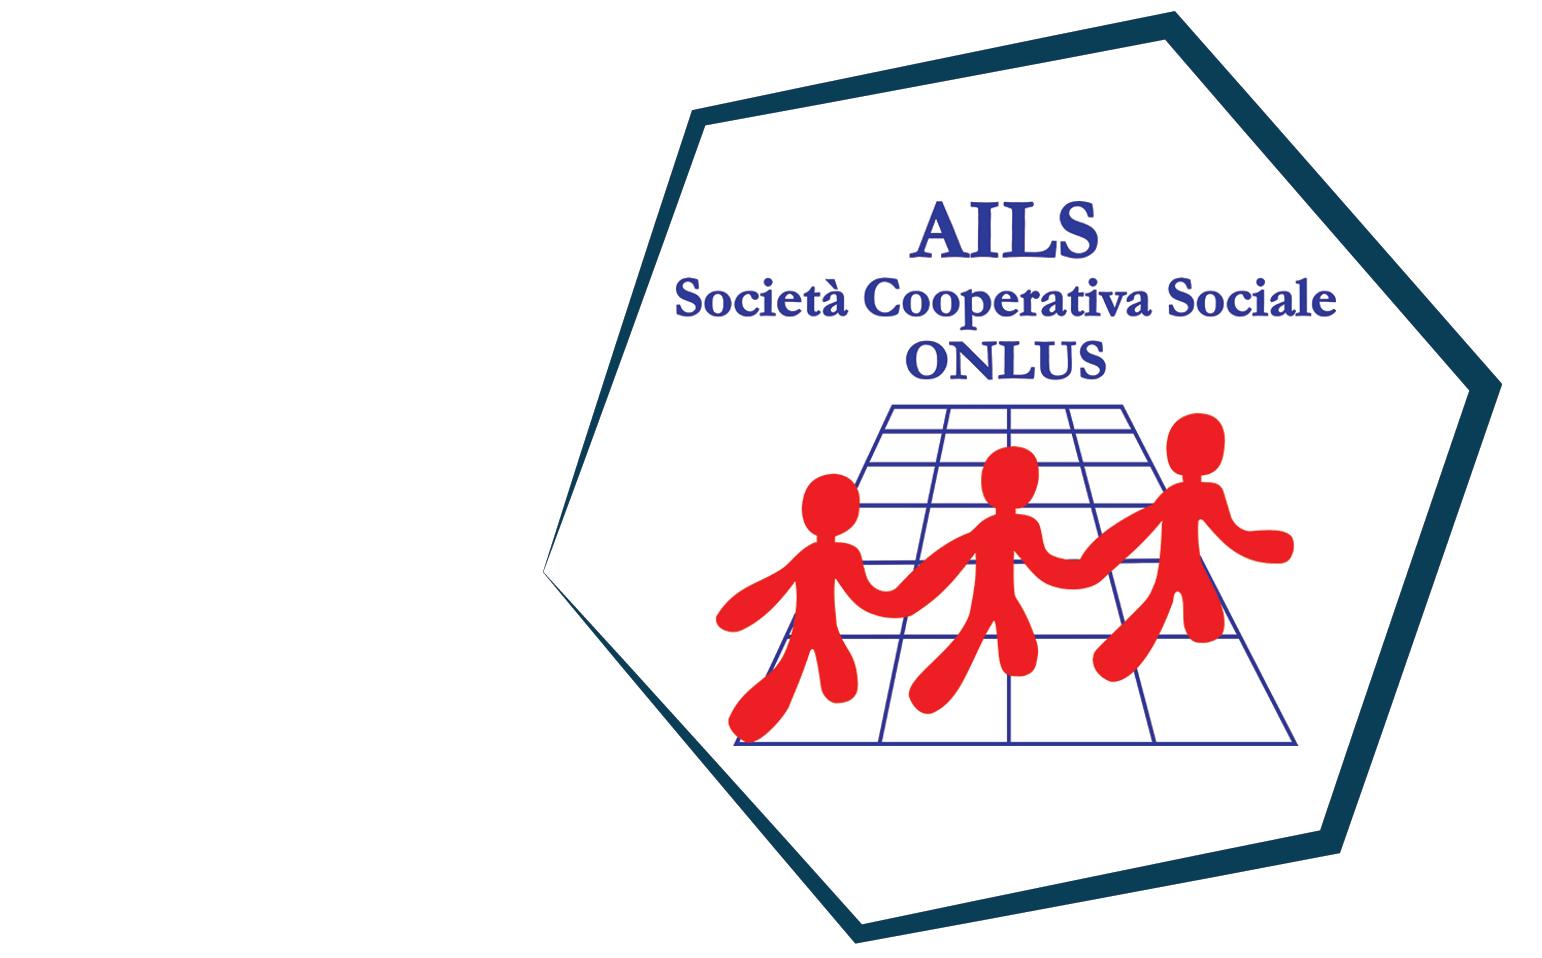 AILS cooperativa Consorzio Intesa CCA